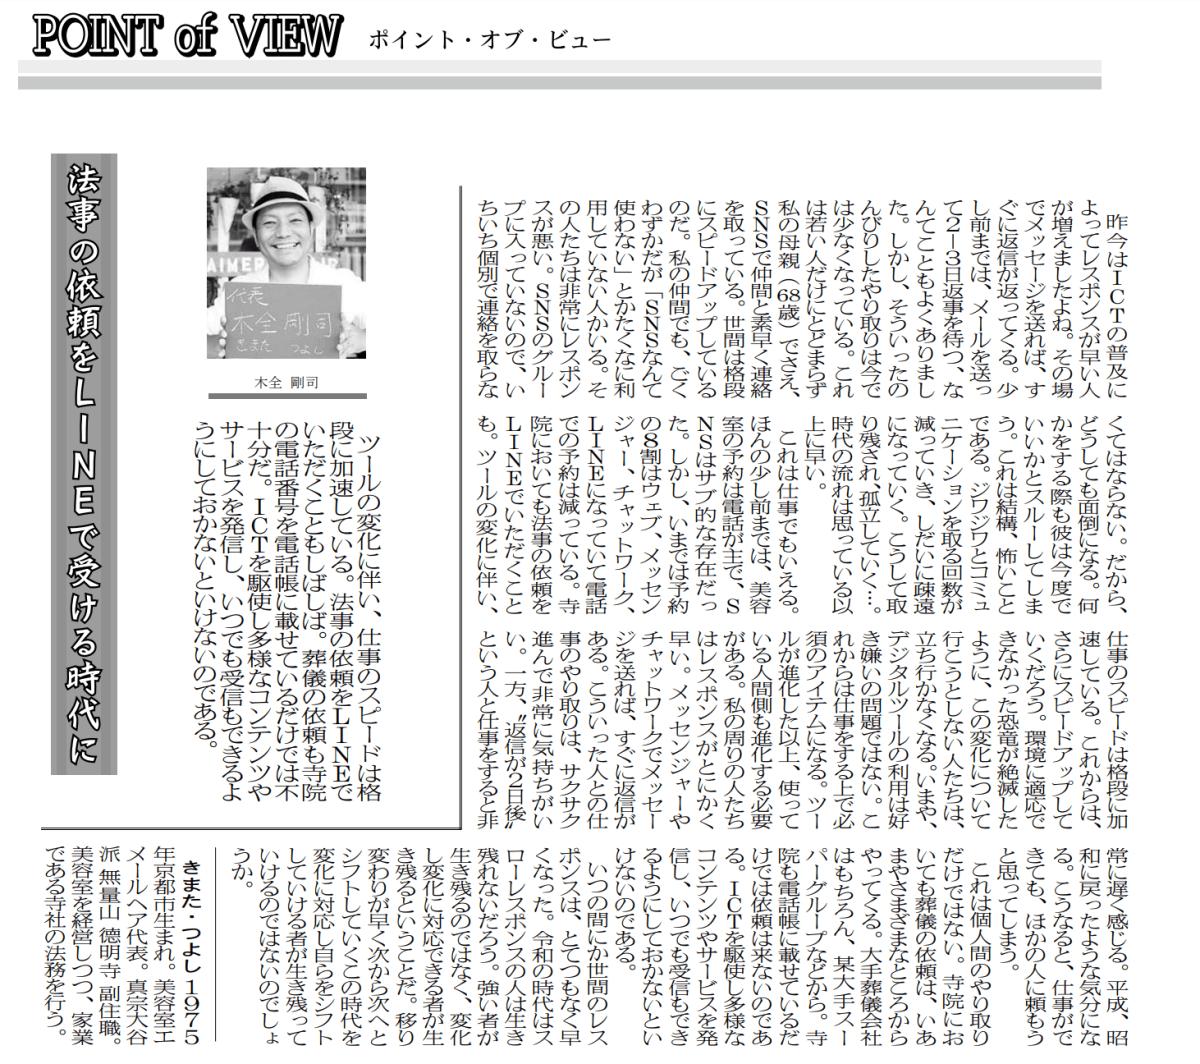 電経新聞さんにコラムを掲載して頂きました。